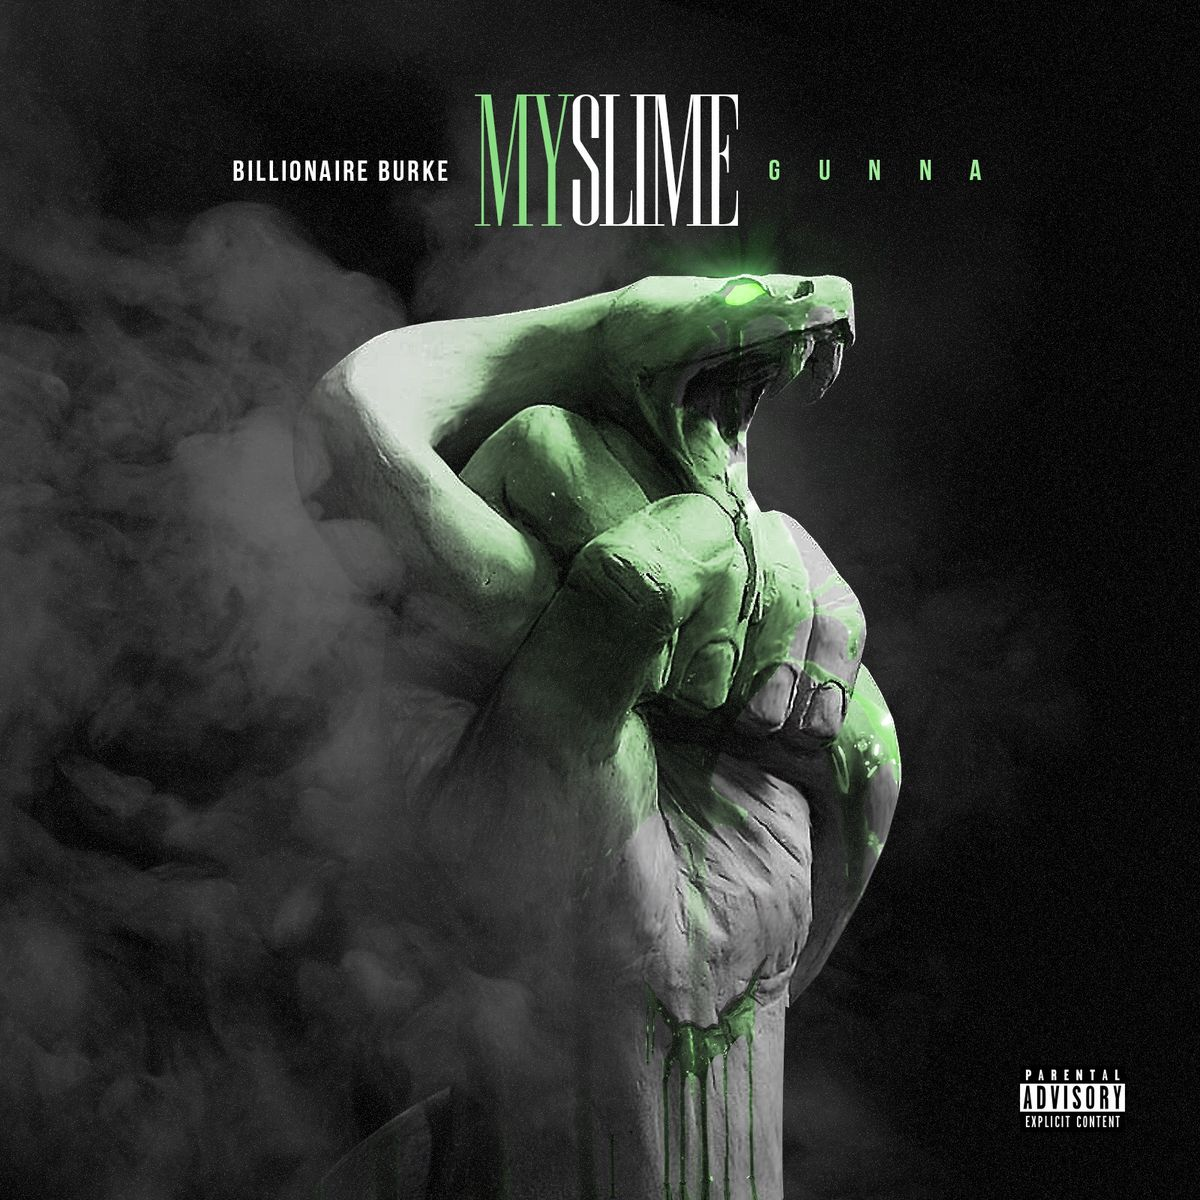 """New Music: Billionaire Burke & Gunna – """"My Slime"""""""